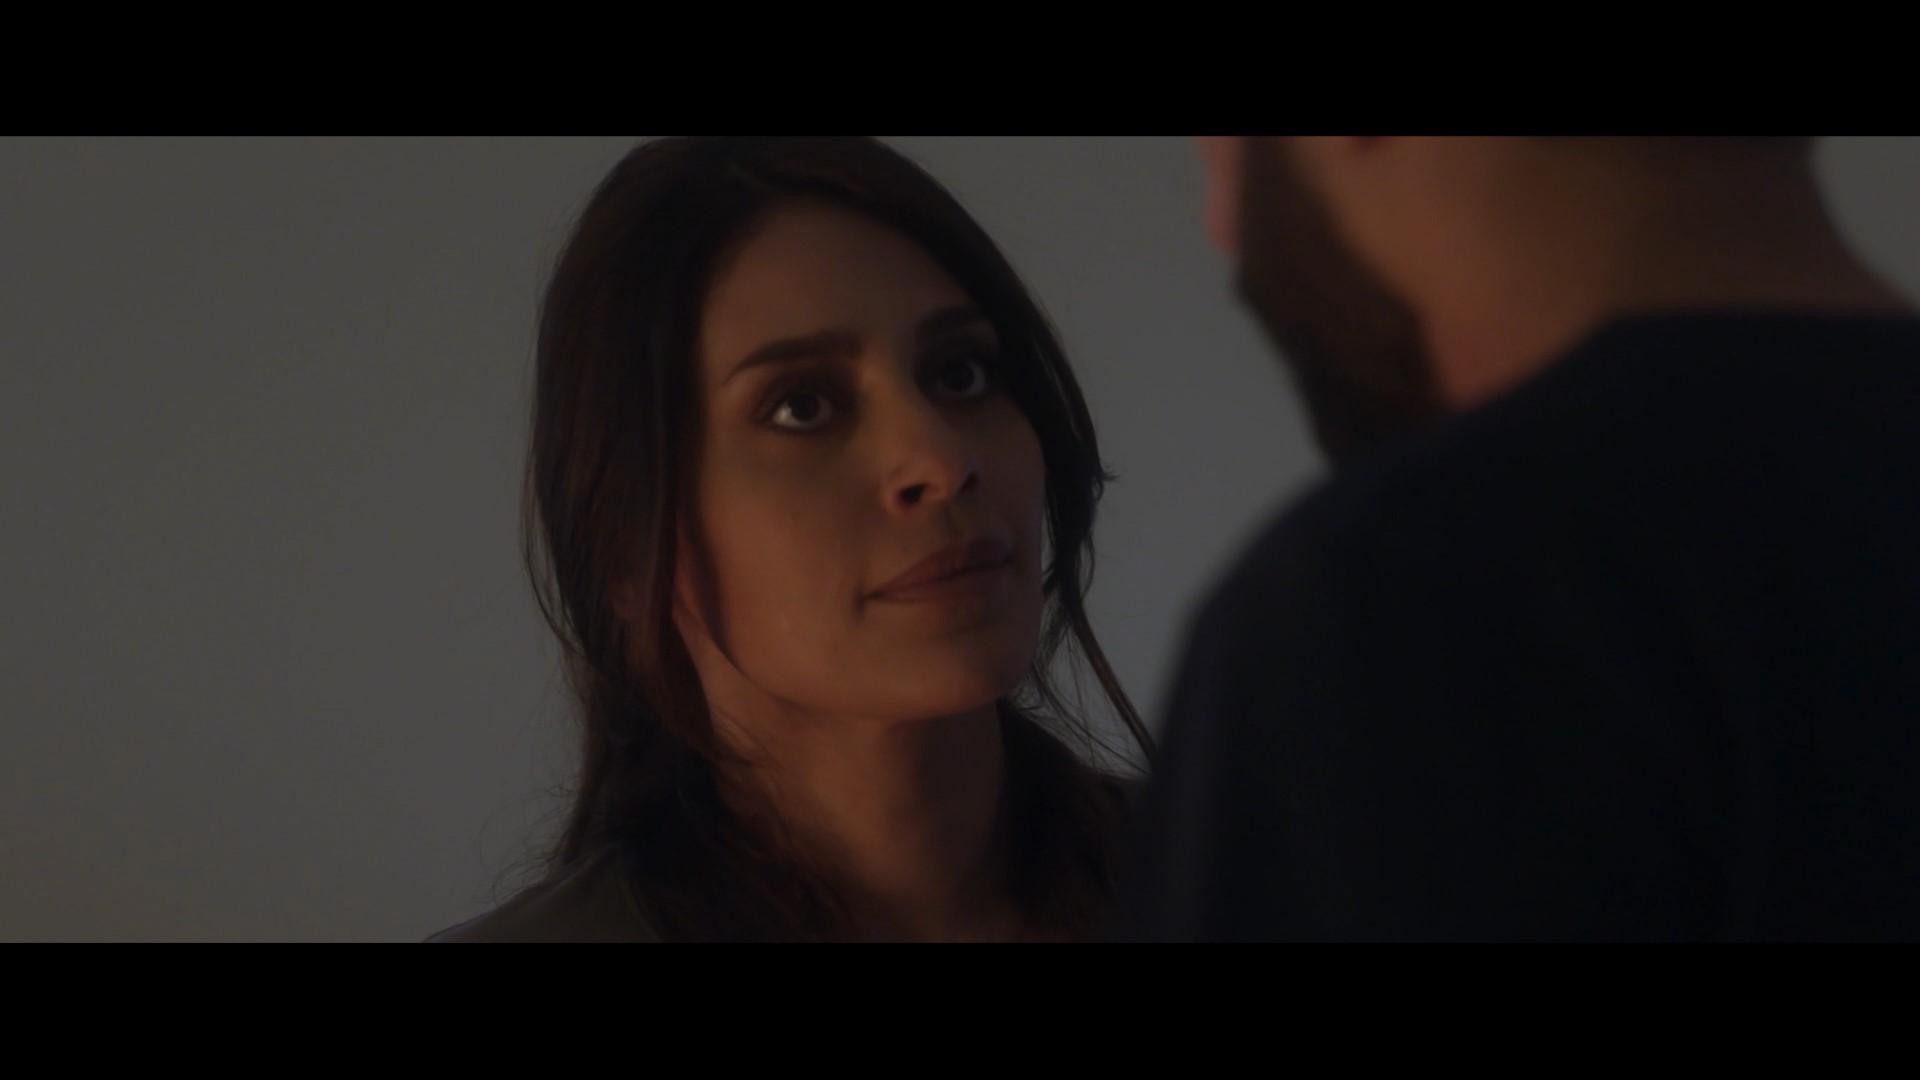 [فيلم][تورنت][تحميل][اختياري][2019][1080p][HDTV][سعودي] 5 arabp2p.com